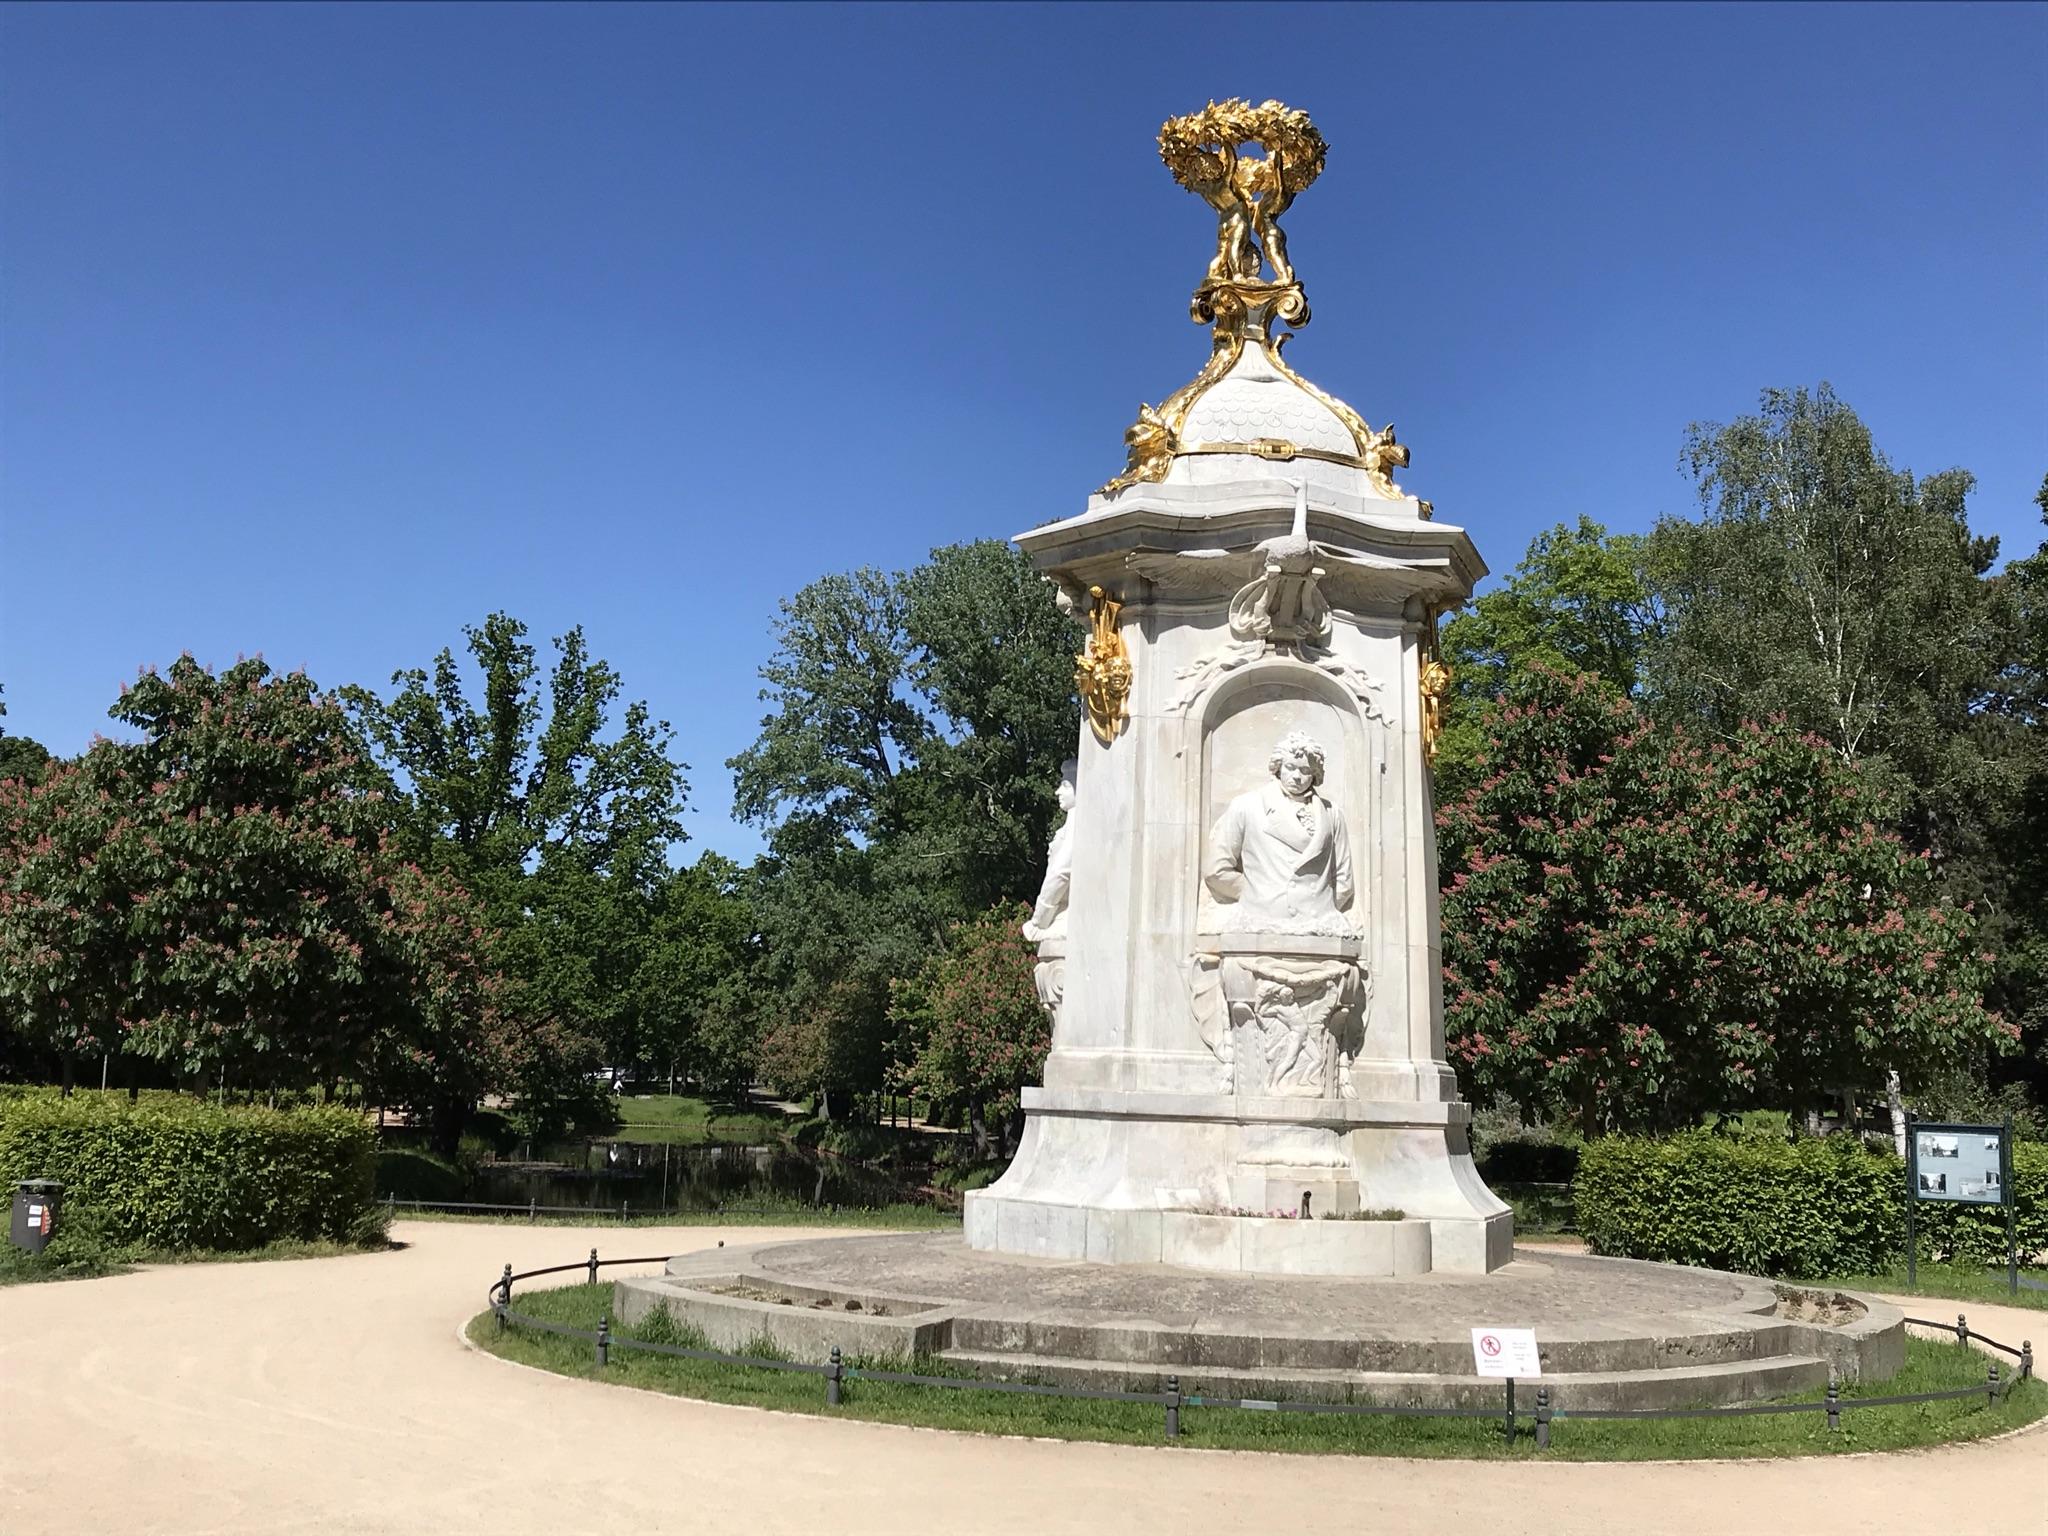 Heyden-Mozart-Bethooven-Denkmal im Berliner Tiergarten